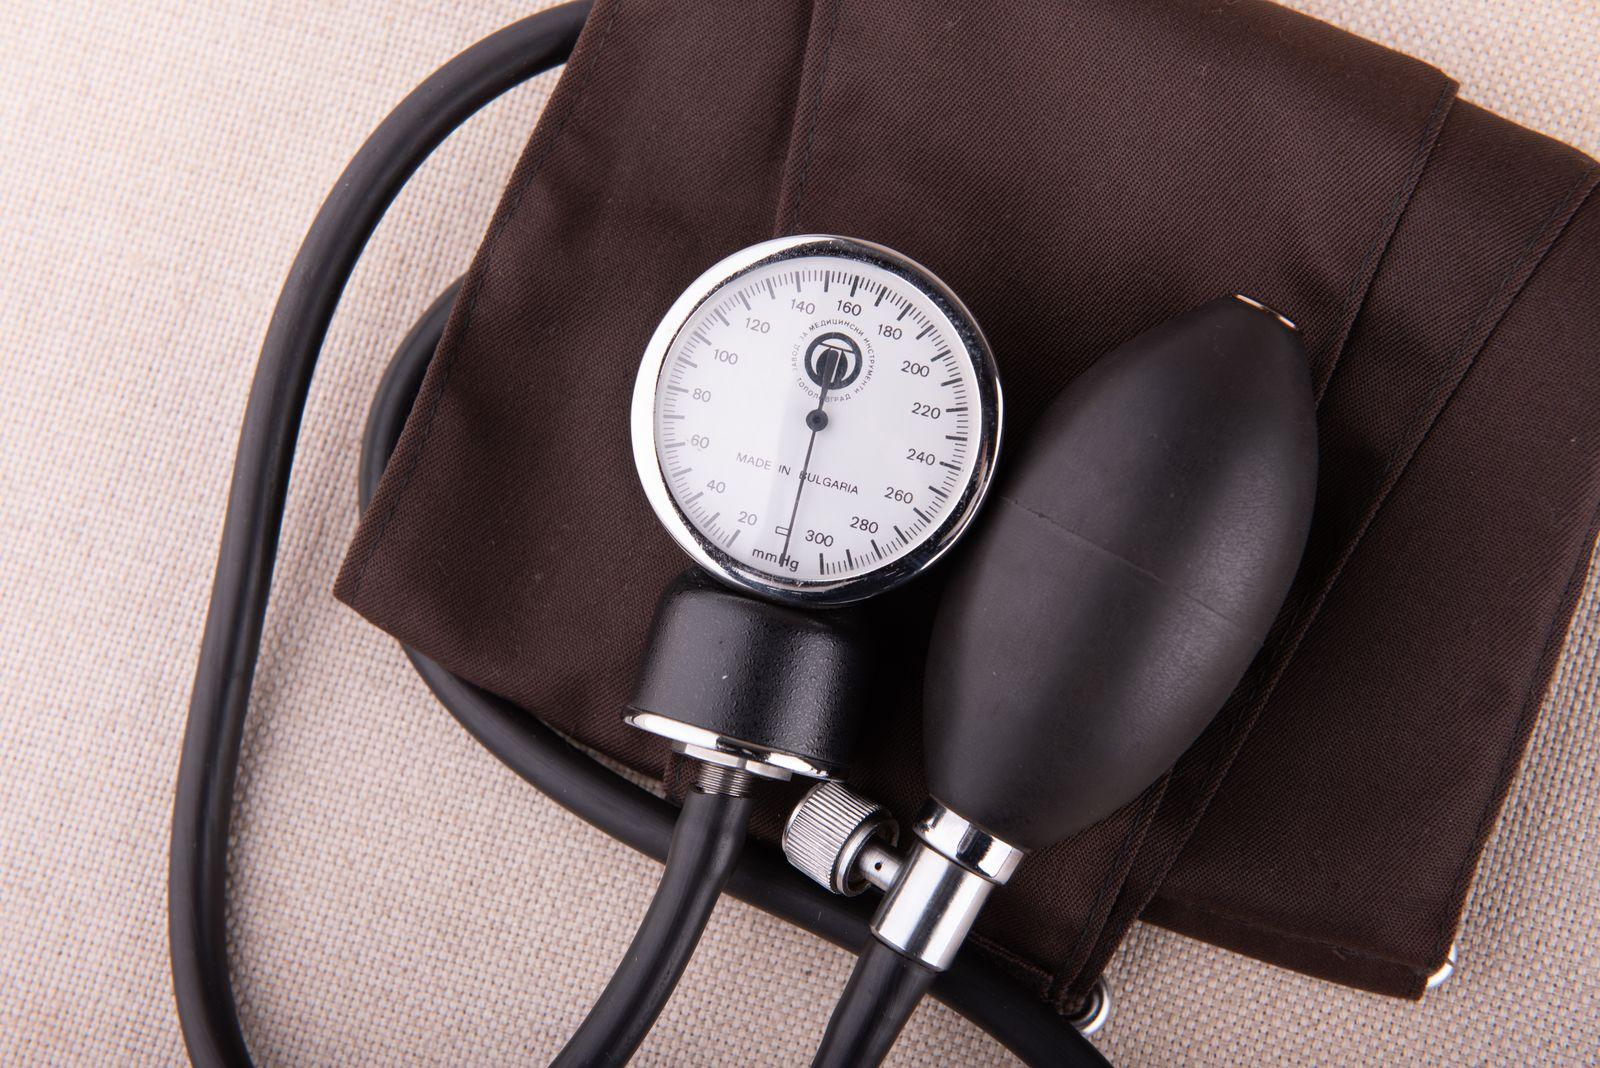 Muzei104_Апарат за измерване на кръвно налягане от втора половина на ХХ в